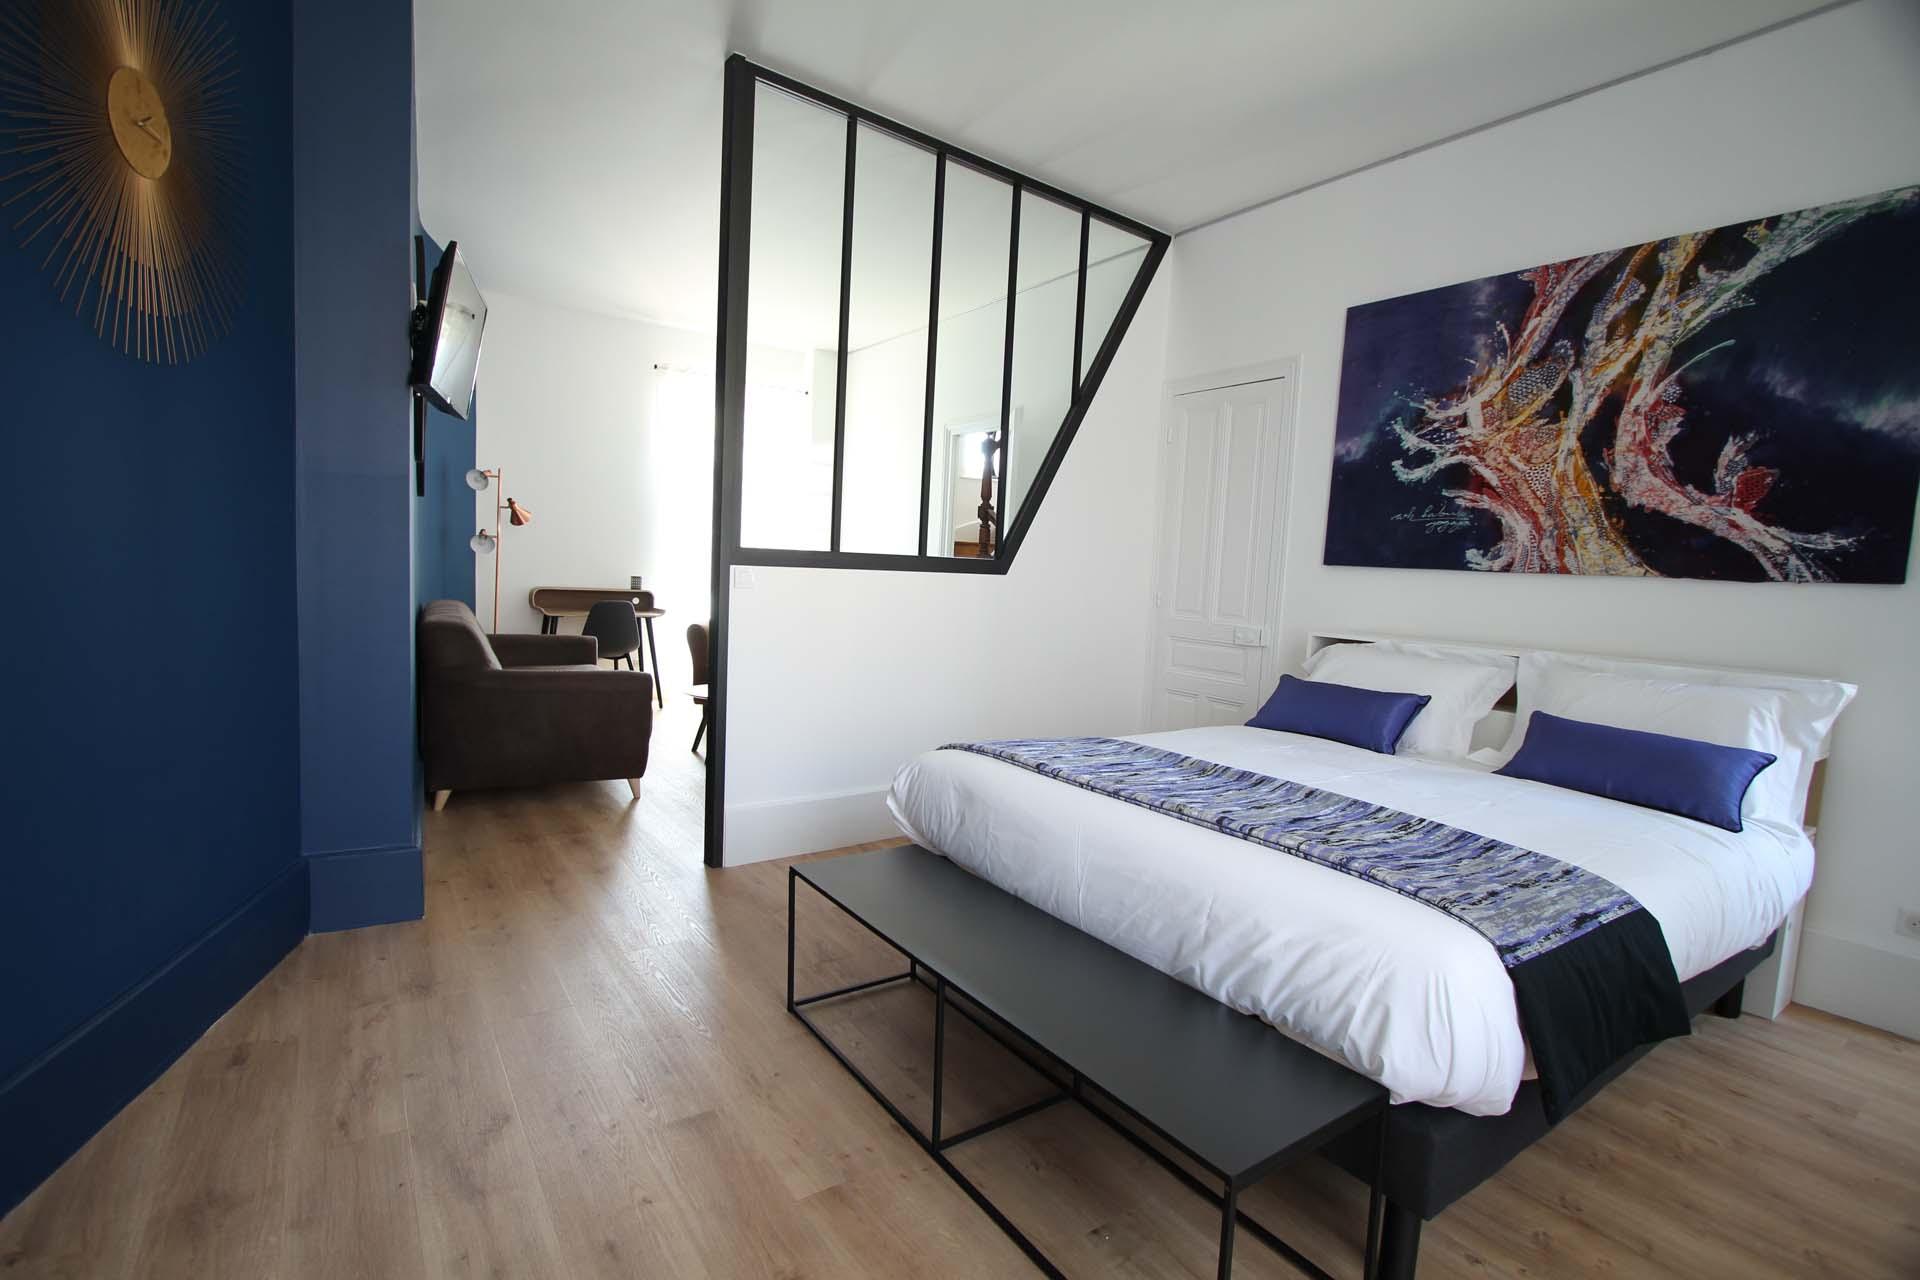 Chambres d'hôtes la CLos des Etoiles à Paray-le-Monial